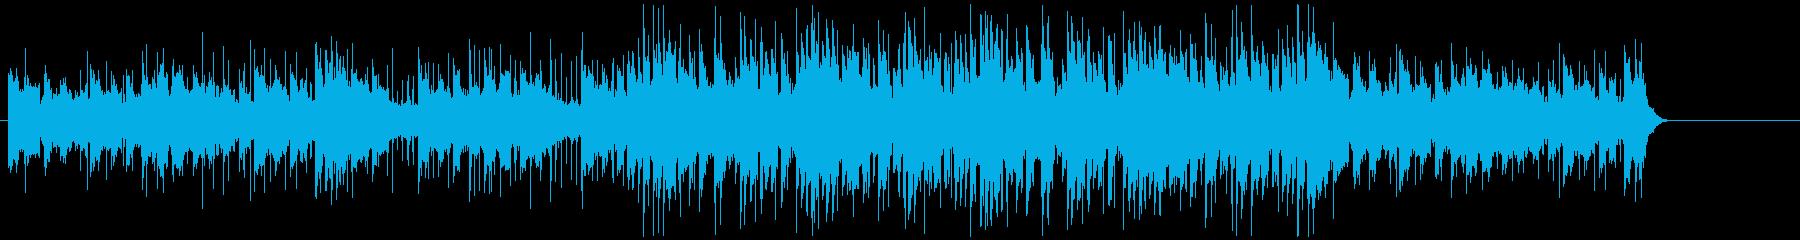 爽やかでかわいいテンポの良いBGMの再生済みの波形